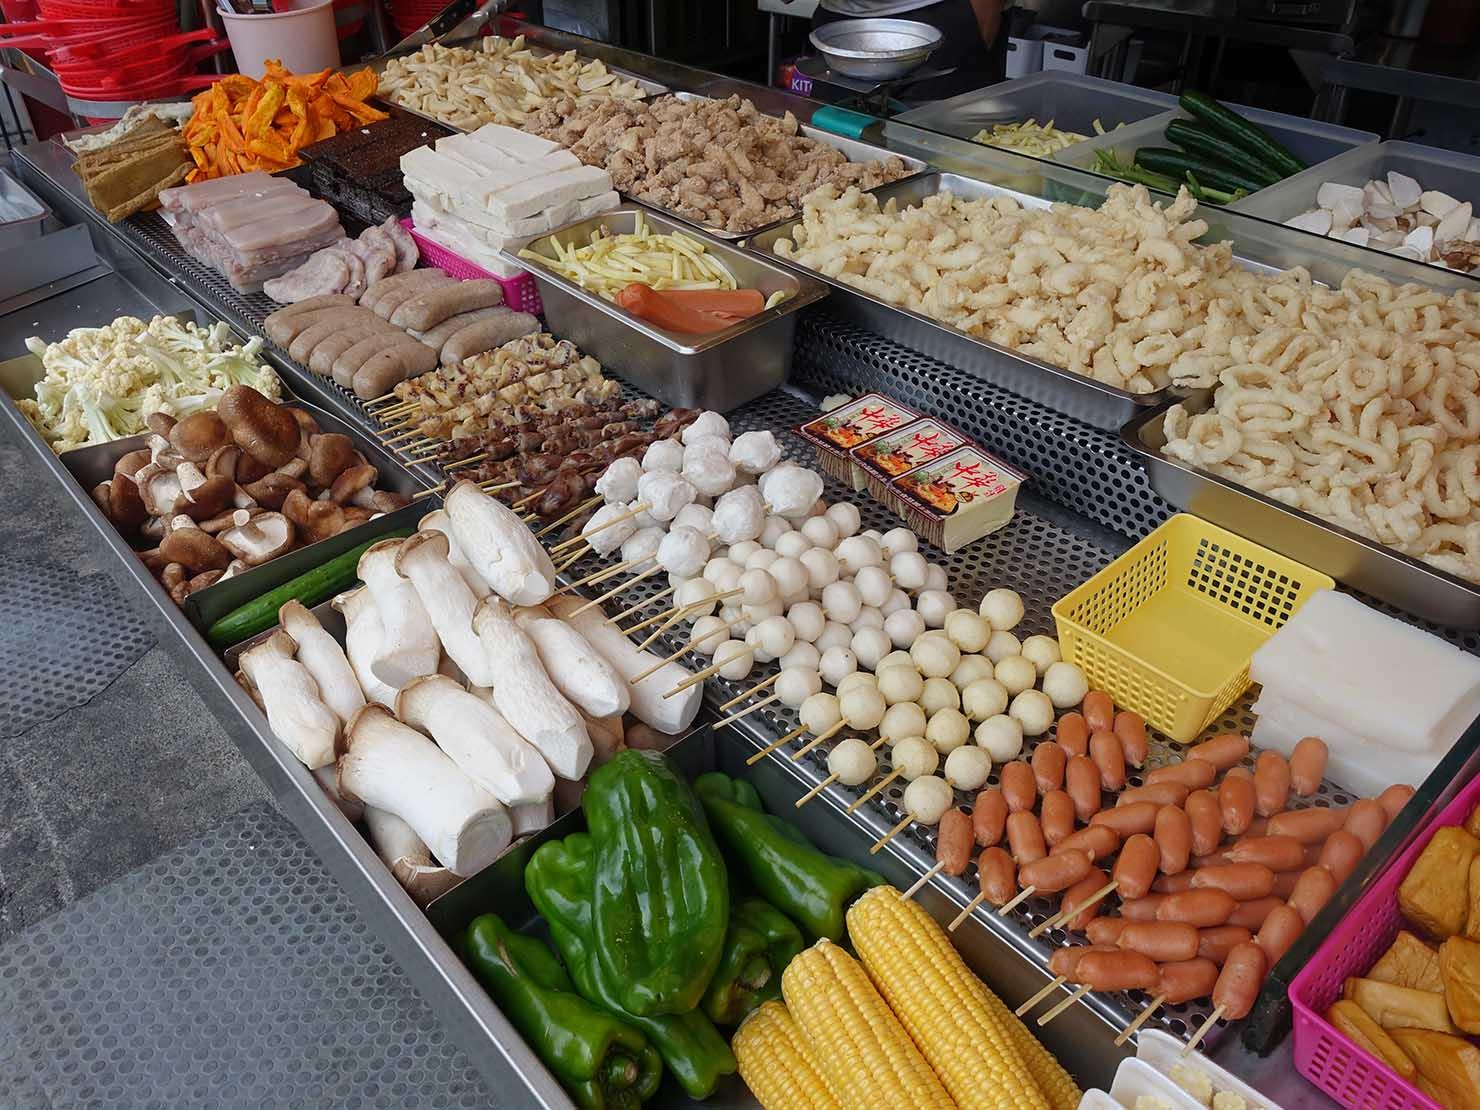 台北・師大夜市のおすすめ台湾グルメ店「師園鹹酥雞」の食材カウンター